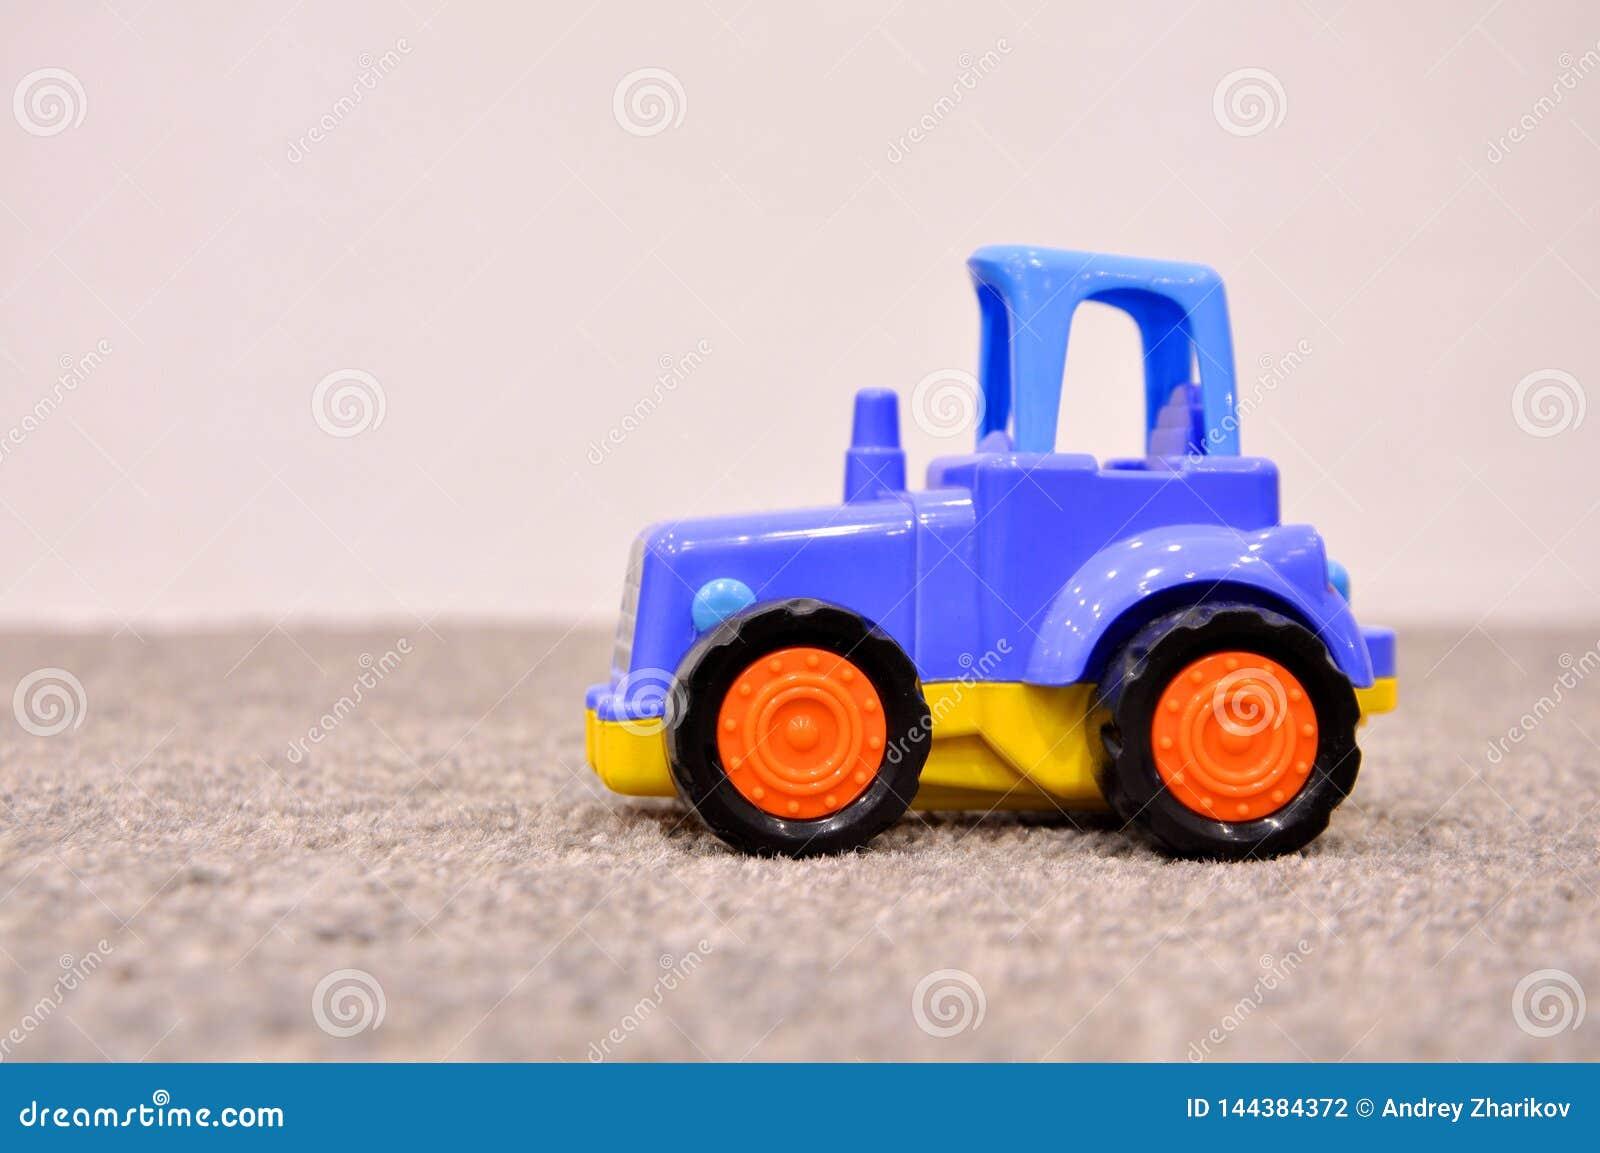 Children`s toy, blue tractor